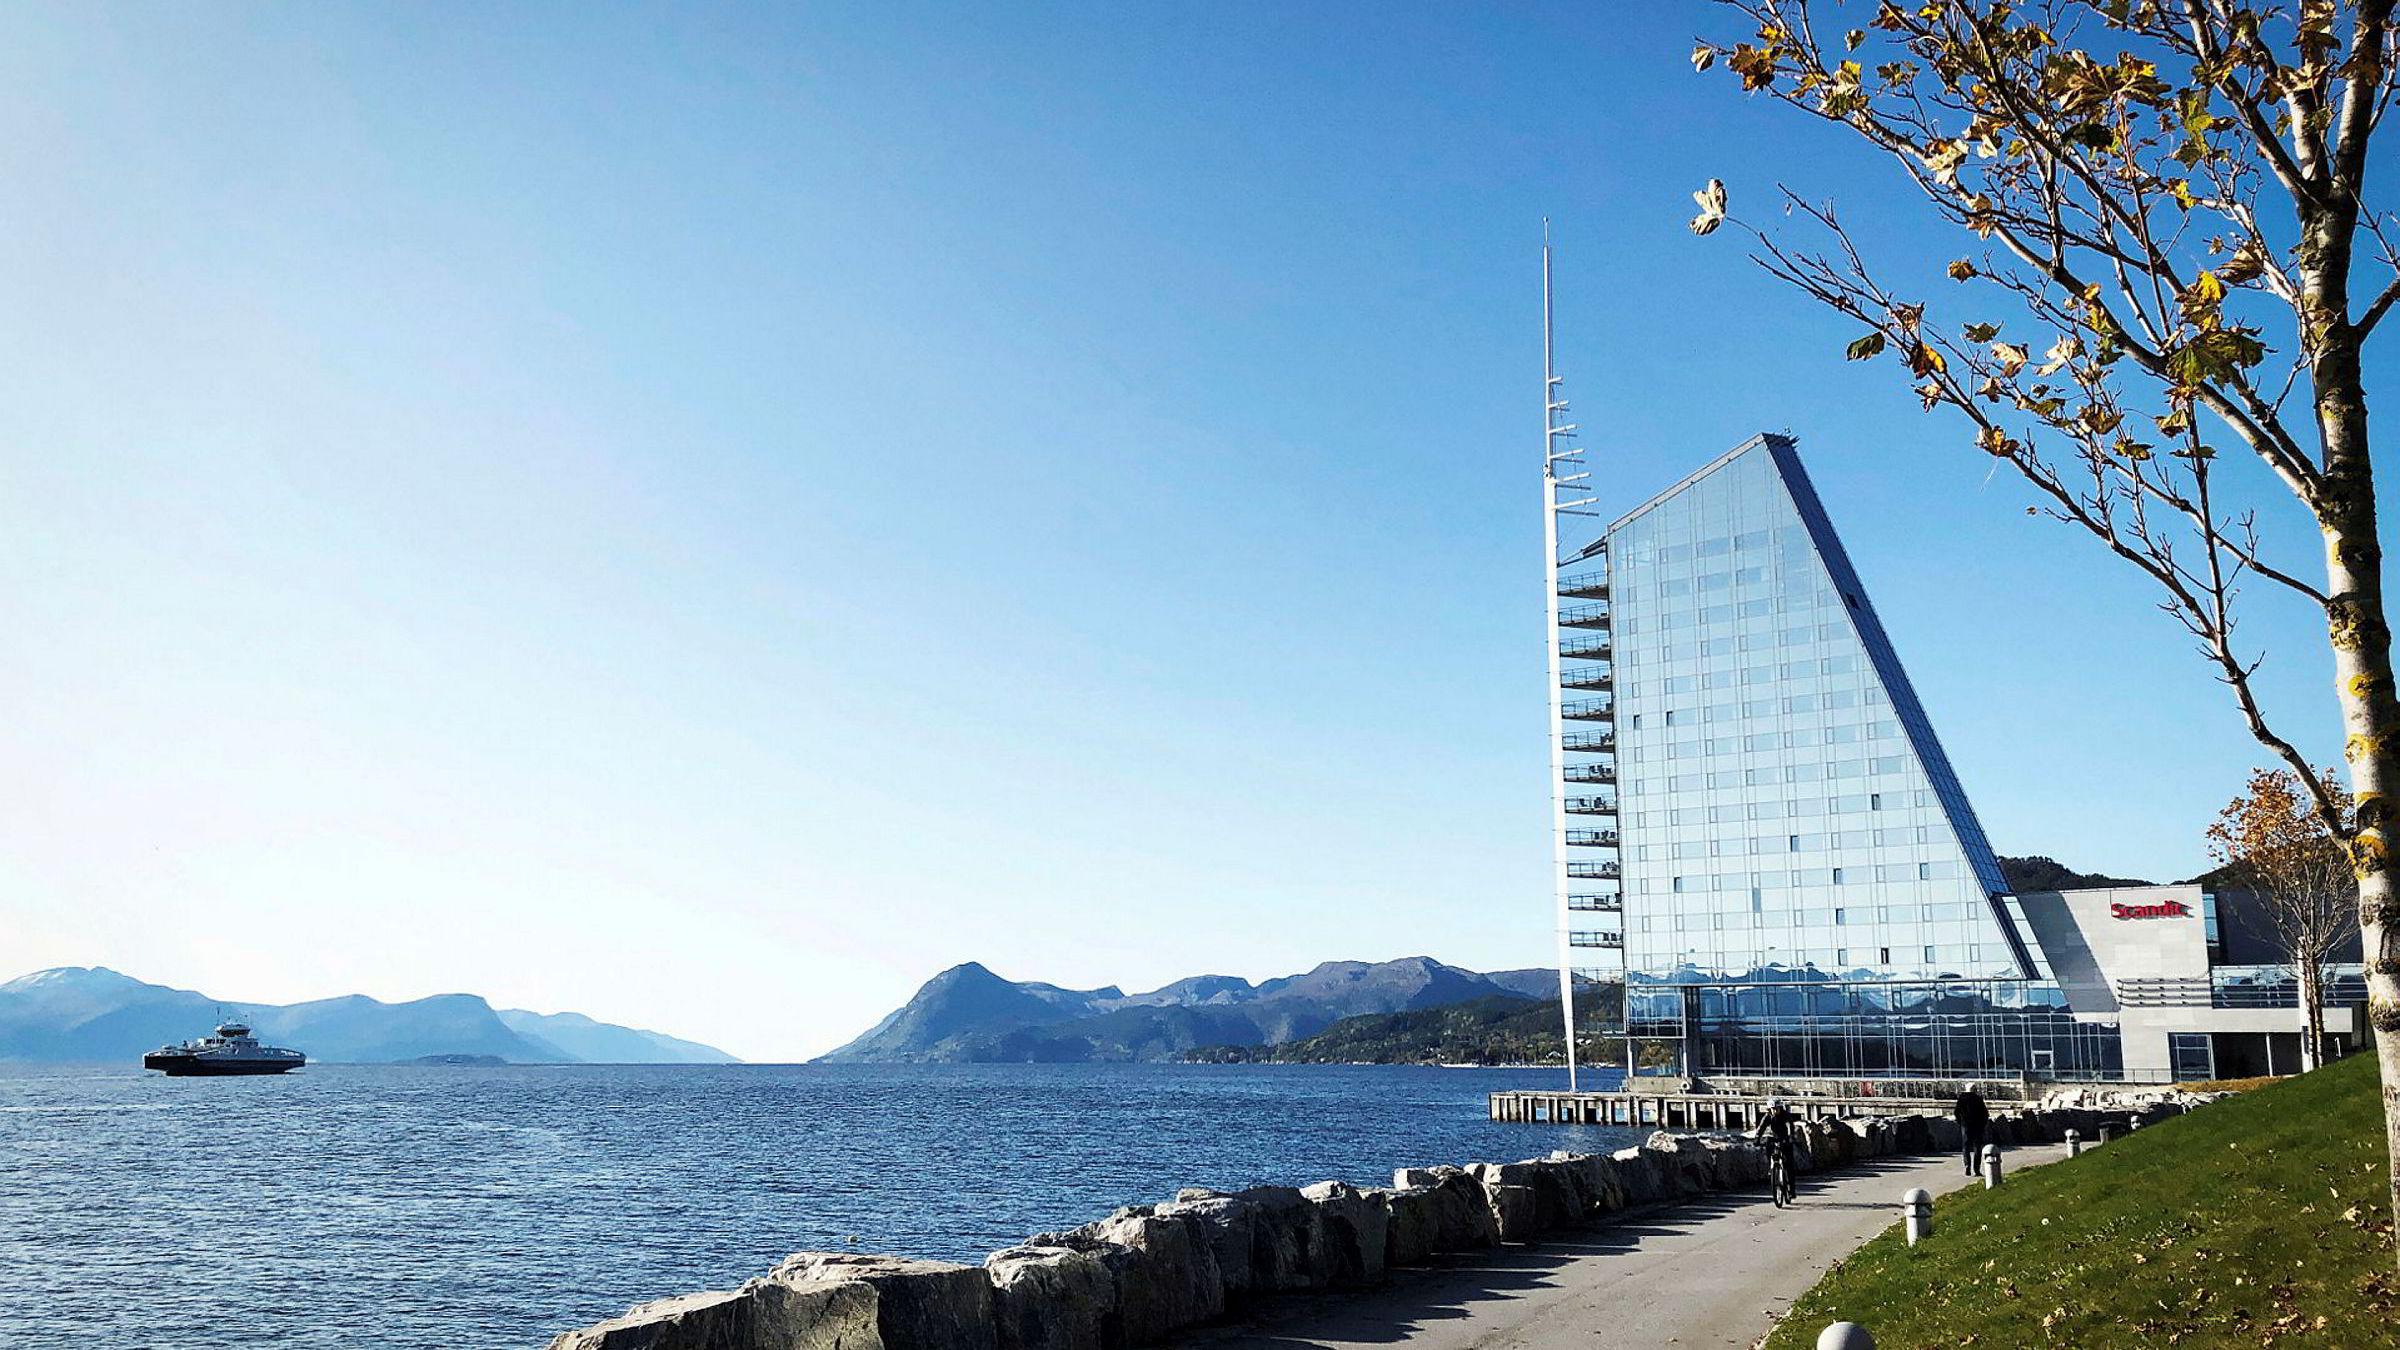 Scandic Seilet ligger tett på Aker Stadion i Molde og har siden 2002 vært et landemerke i havnen. Det meste på hotellet holder fortsatt god stand, men servicen er sparsommelig og gjestene får ikke tygge ferdig.